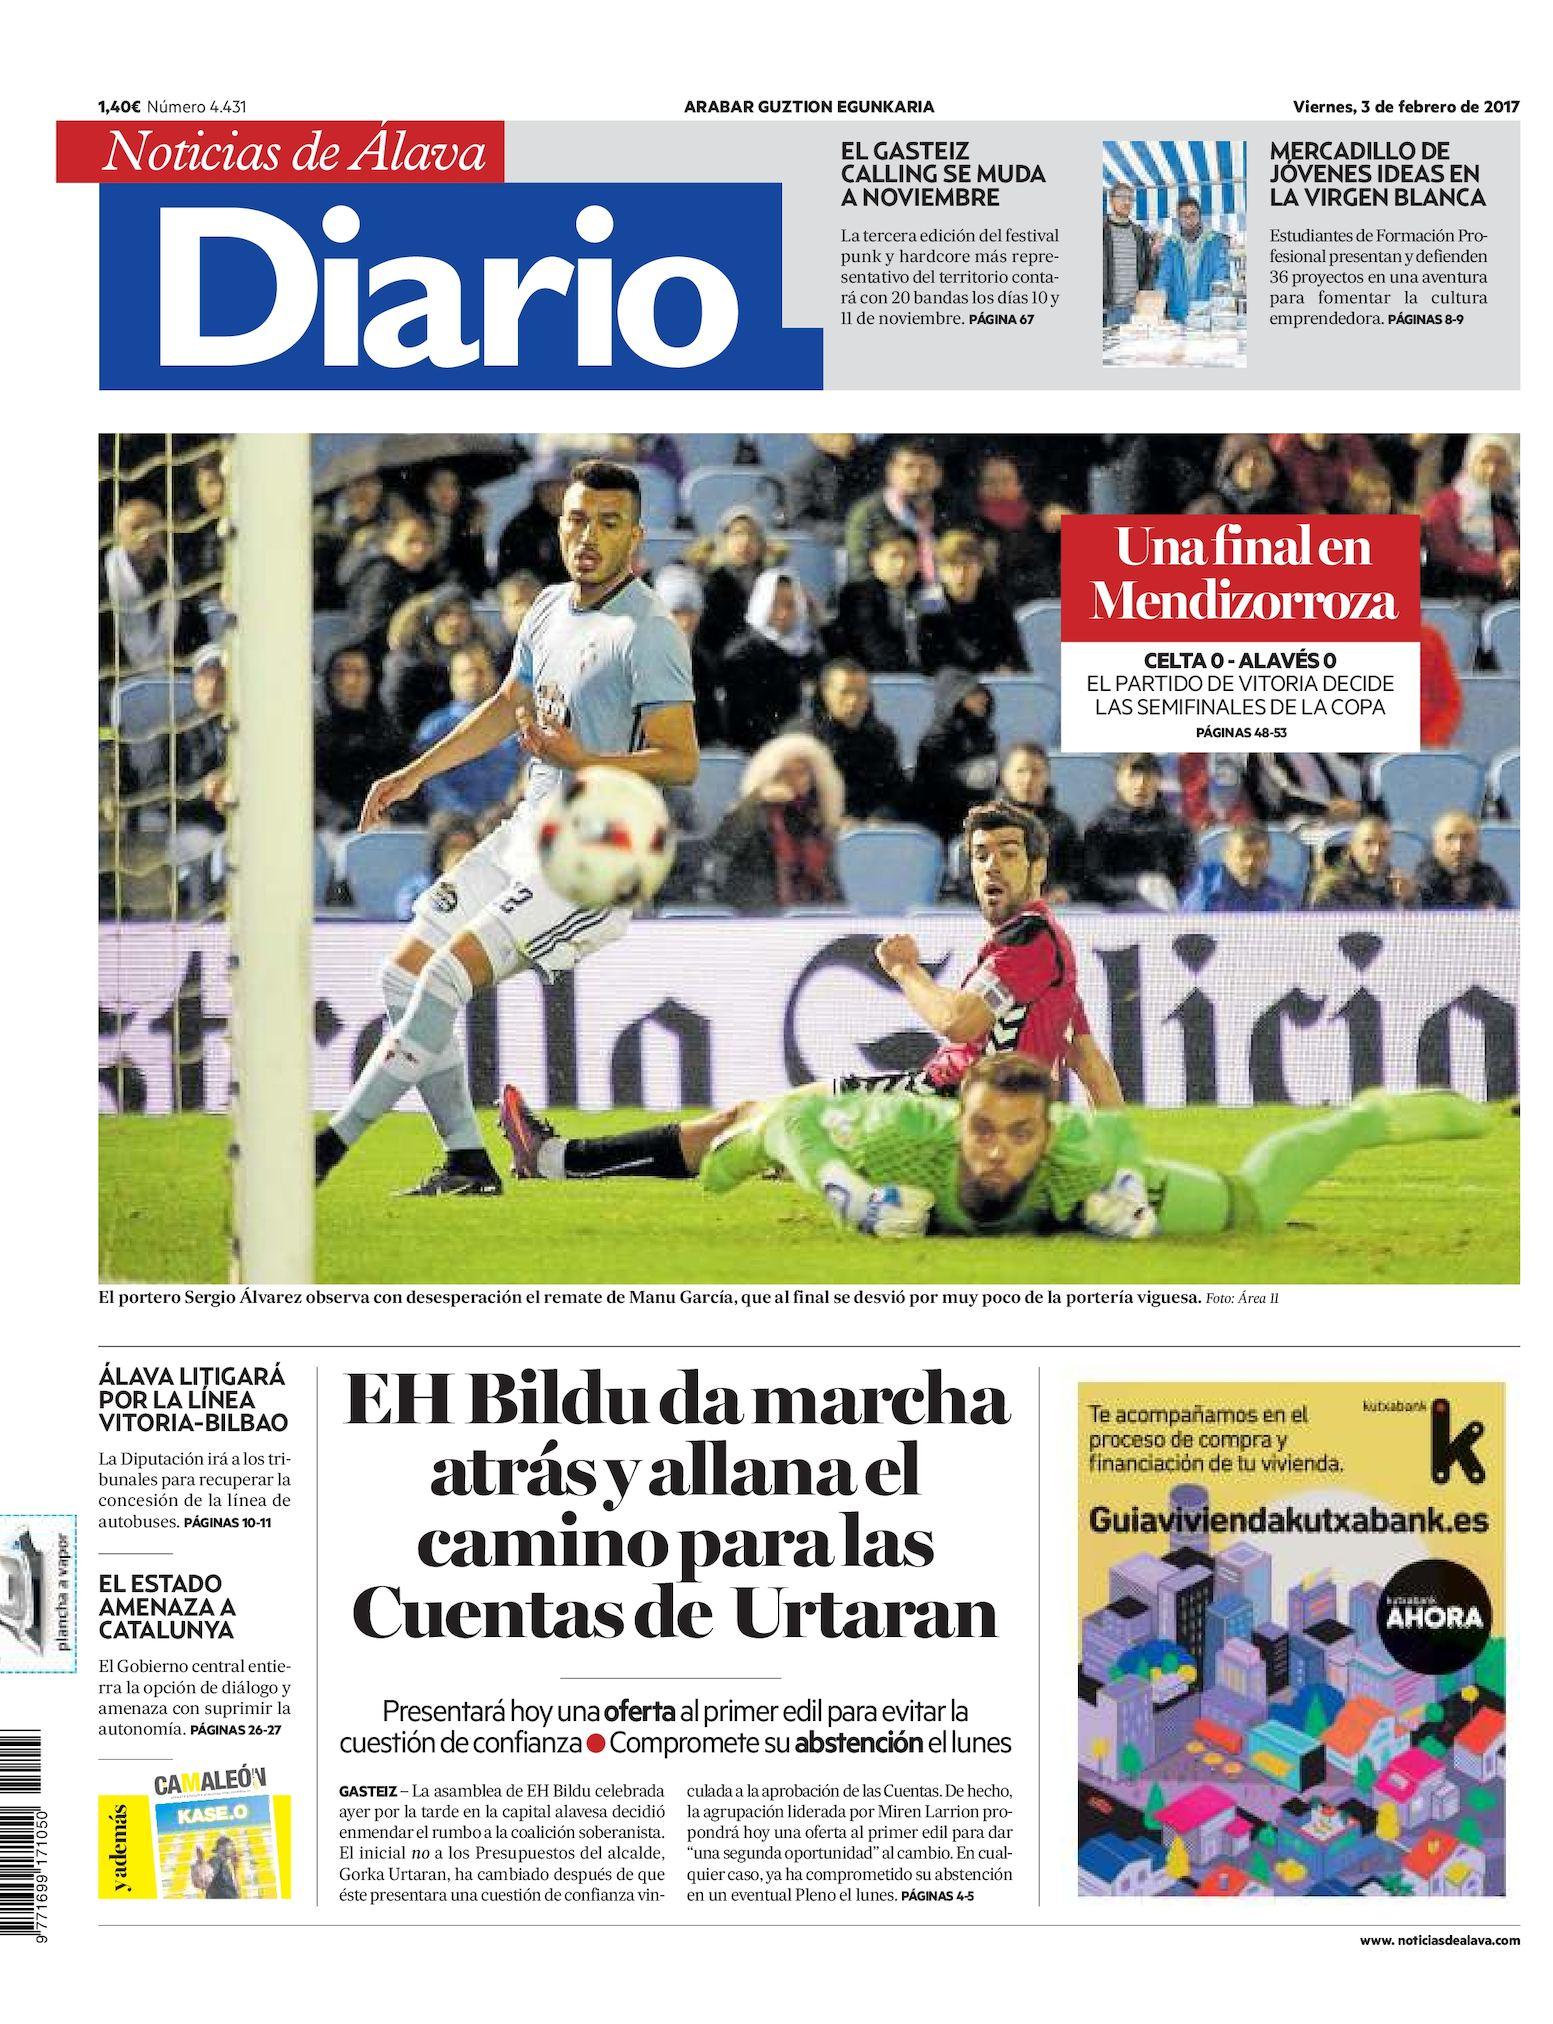 Calaméo - Diario de Noticias de Álava 20170203 c7b3dec61a4